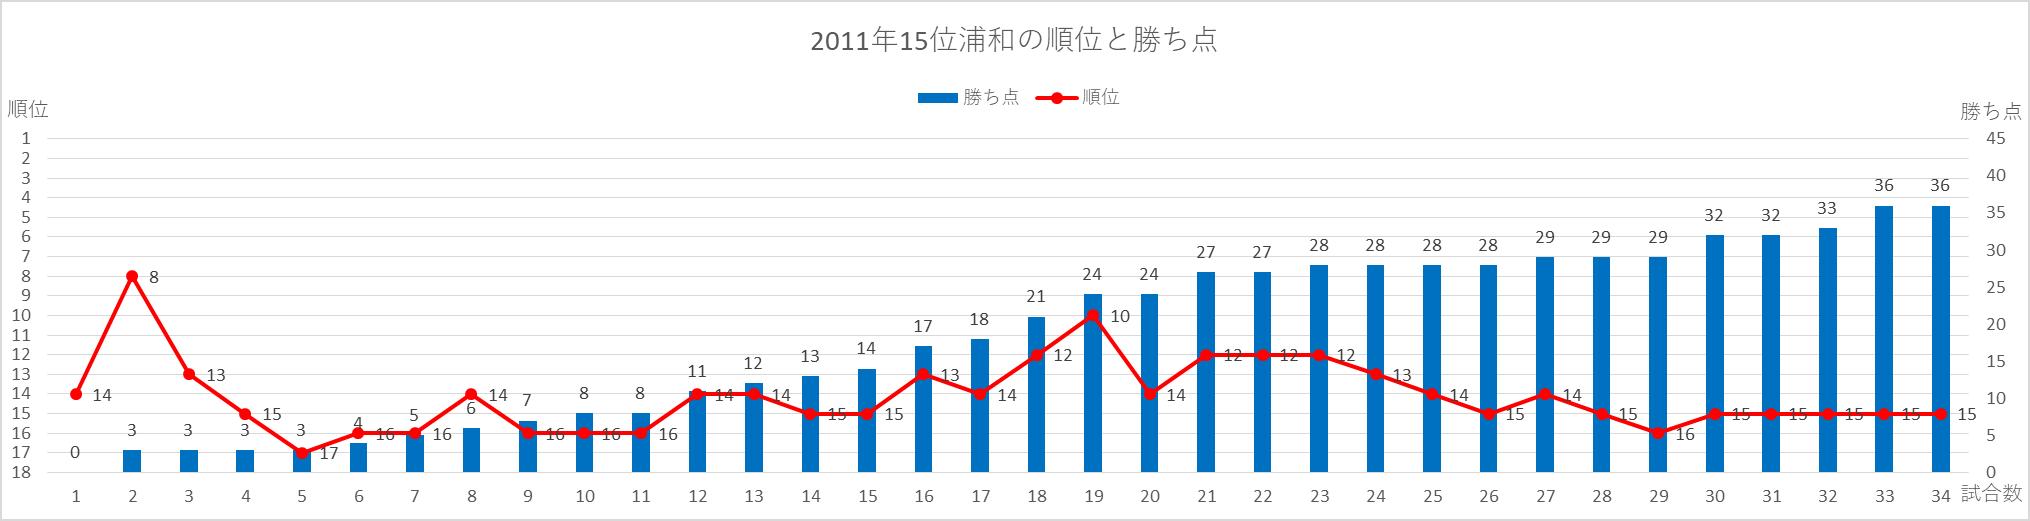 2011年浦和の順位と勝ち点の推移